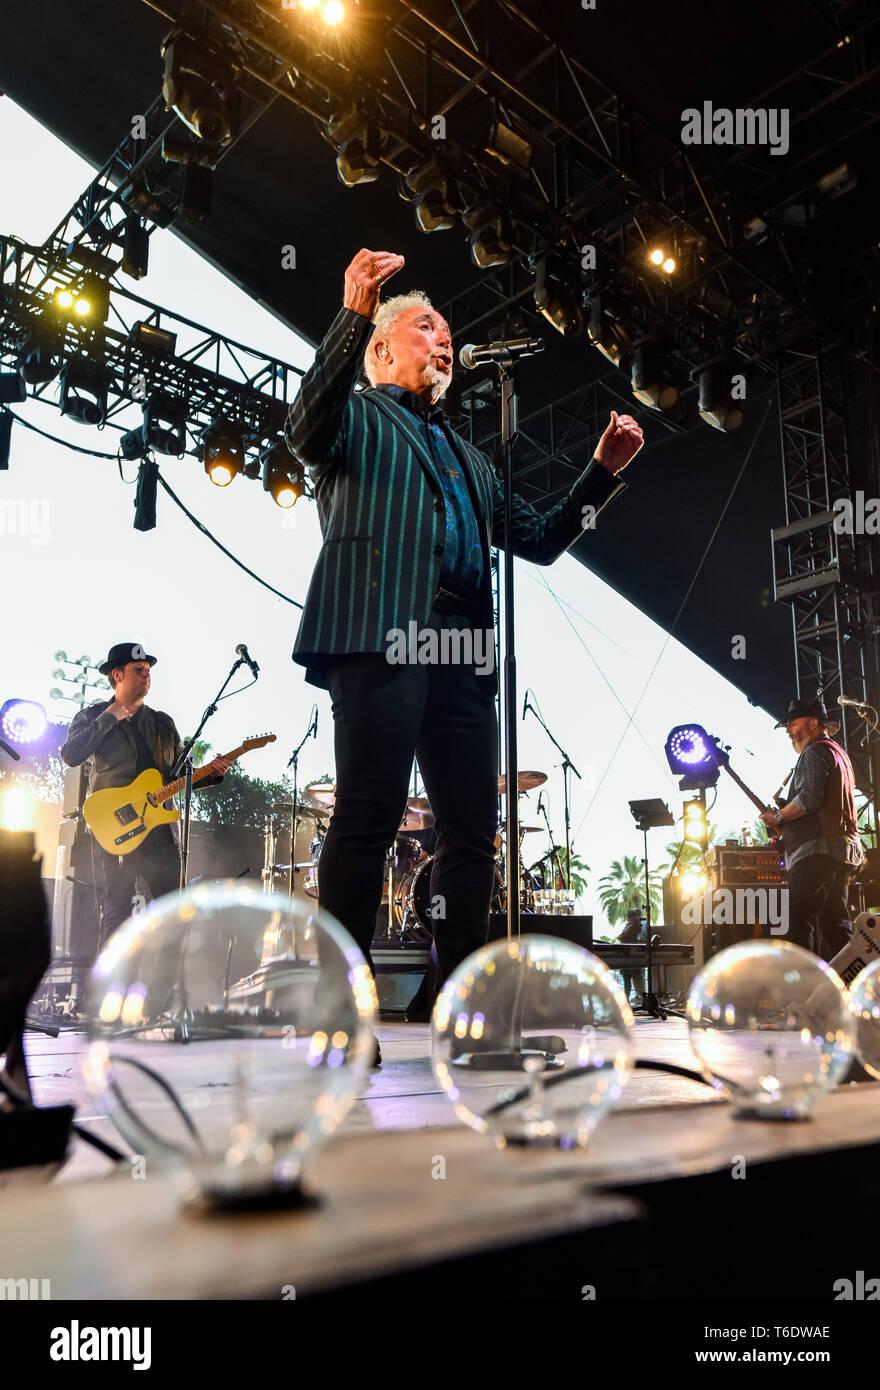 Indio, California, 28 aprile 2019, Tom Jones sul palco eseguendo una folla vivace il giorno 3 di diligenze Festival della Musica Country. Foto: Ken Foto Stock